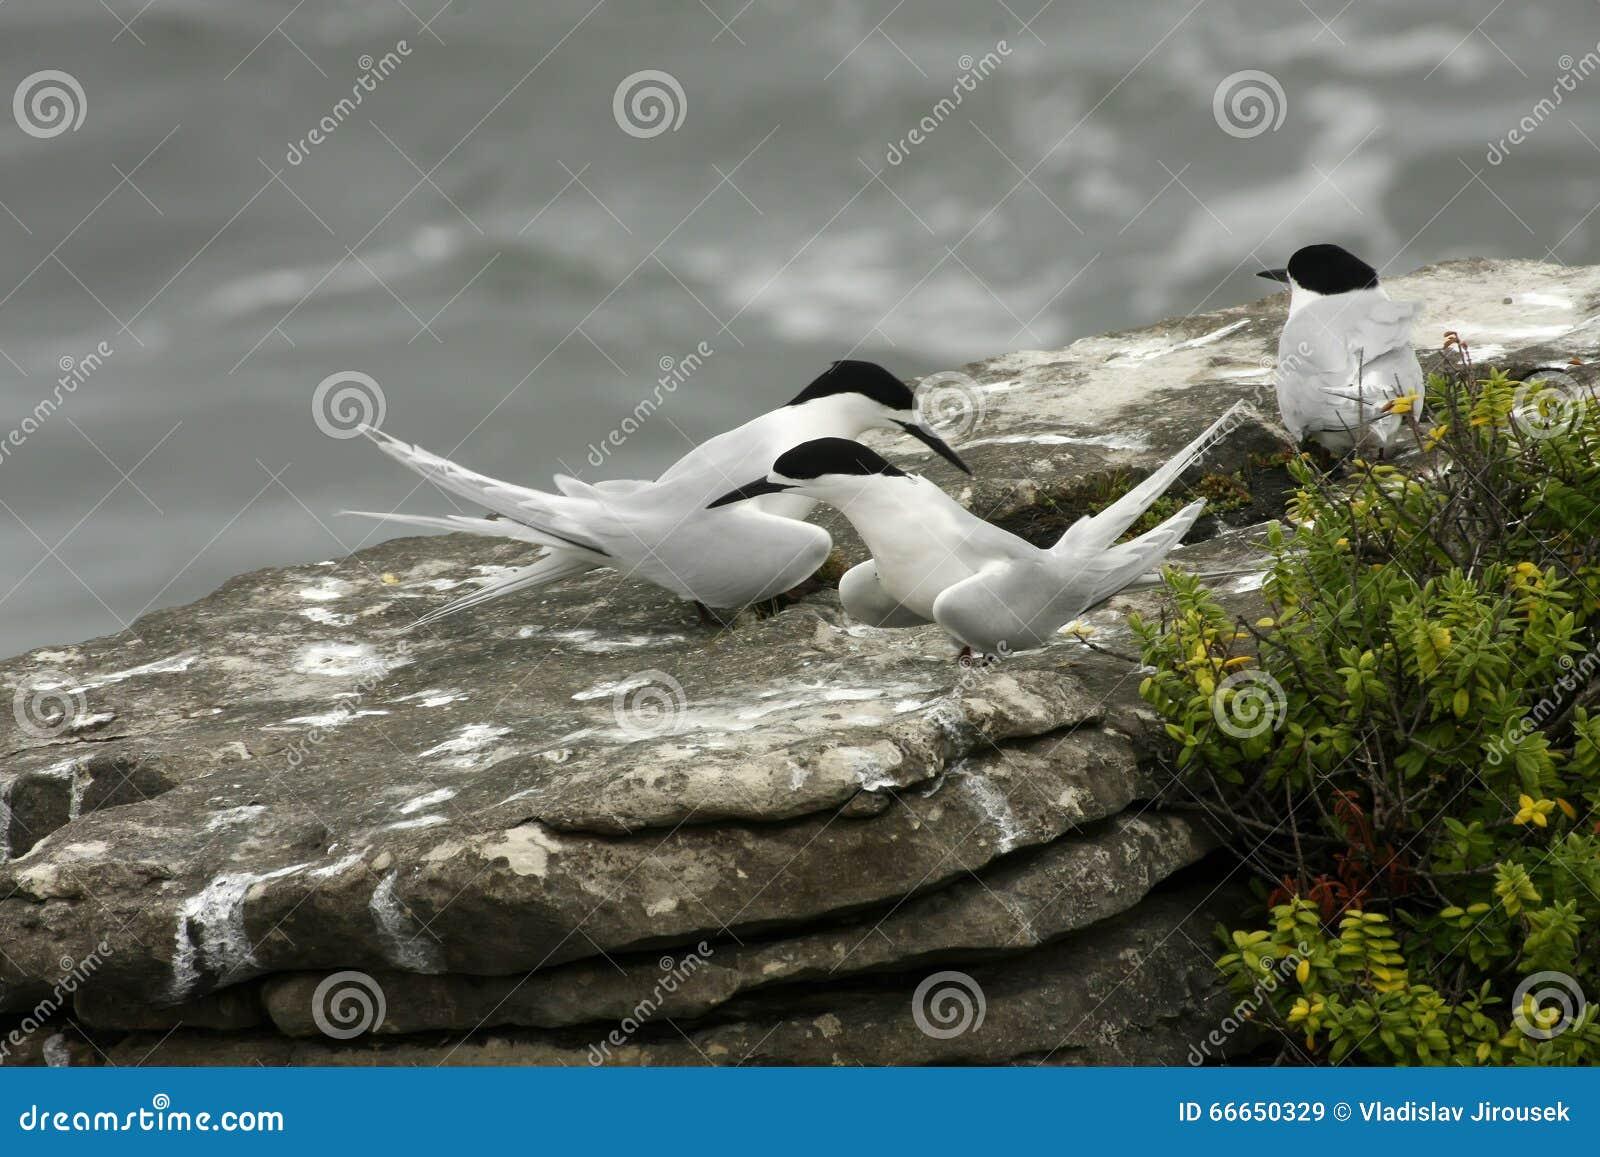 胸骨striata,白朝向的燕鸥,普纳凯基,新西兰南岛